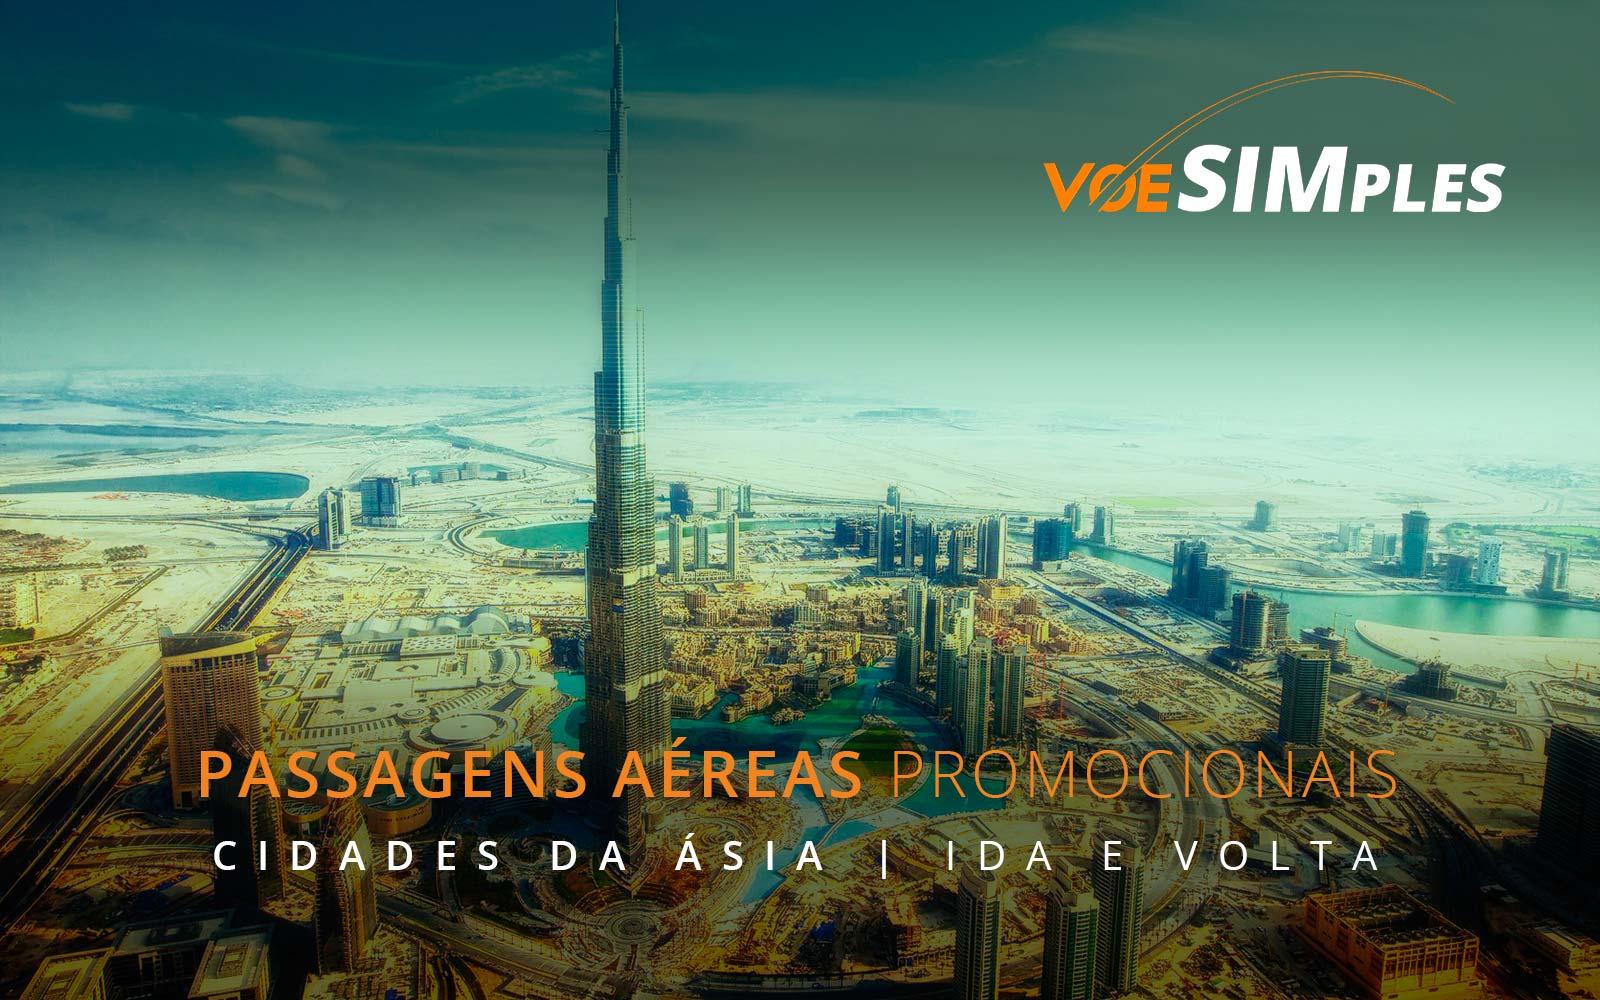 Passagens aéreas promocionais para Abu Dhabi, Dubai, Hon Kong, Tóquio e Pequim na Ásia